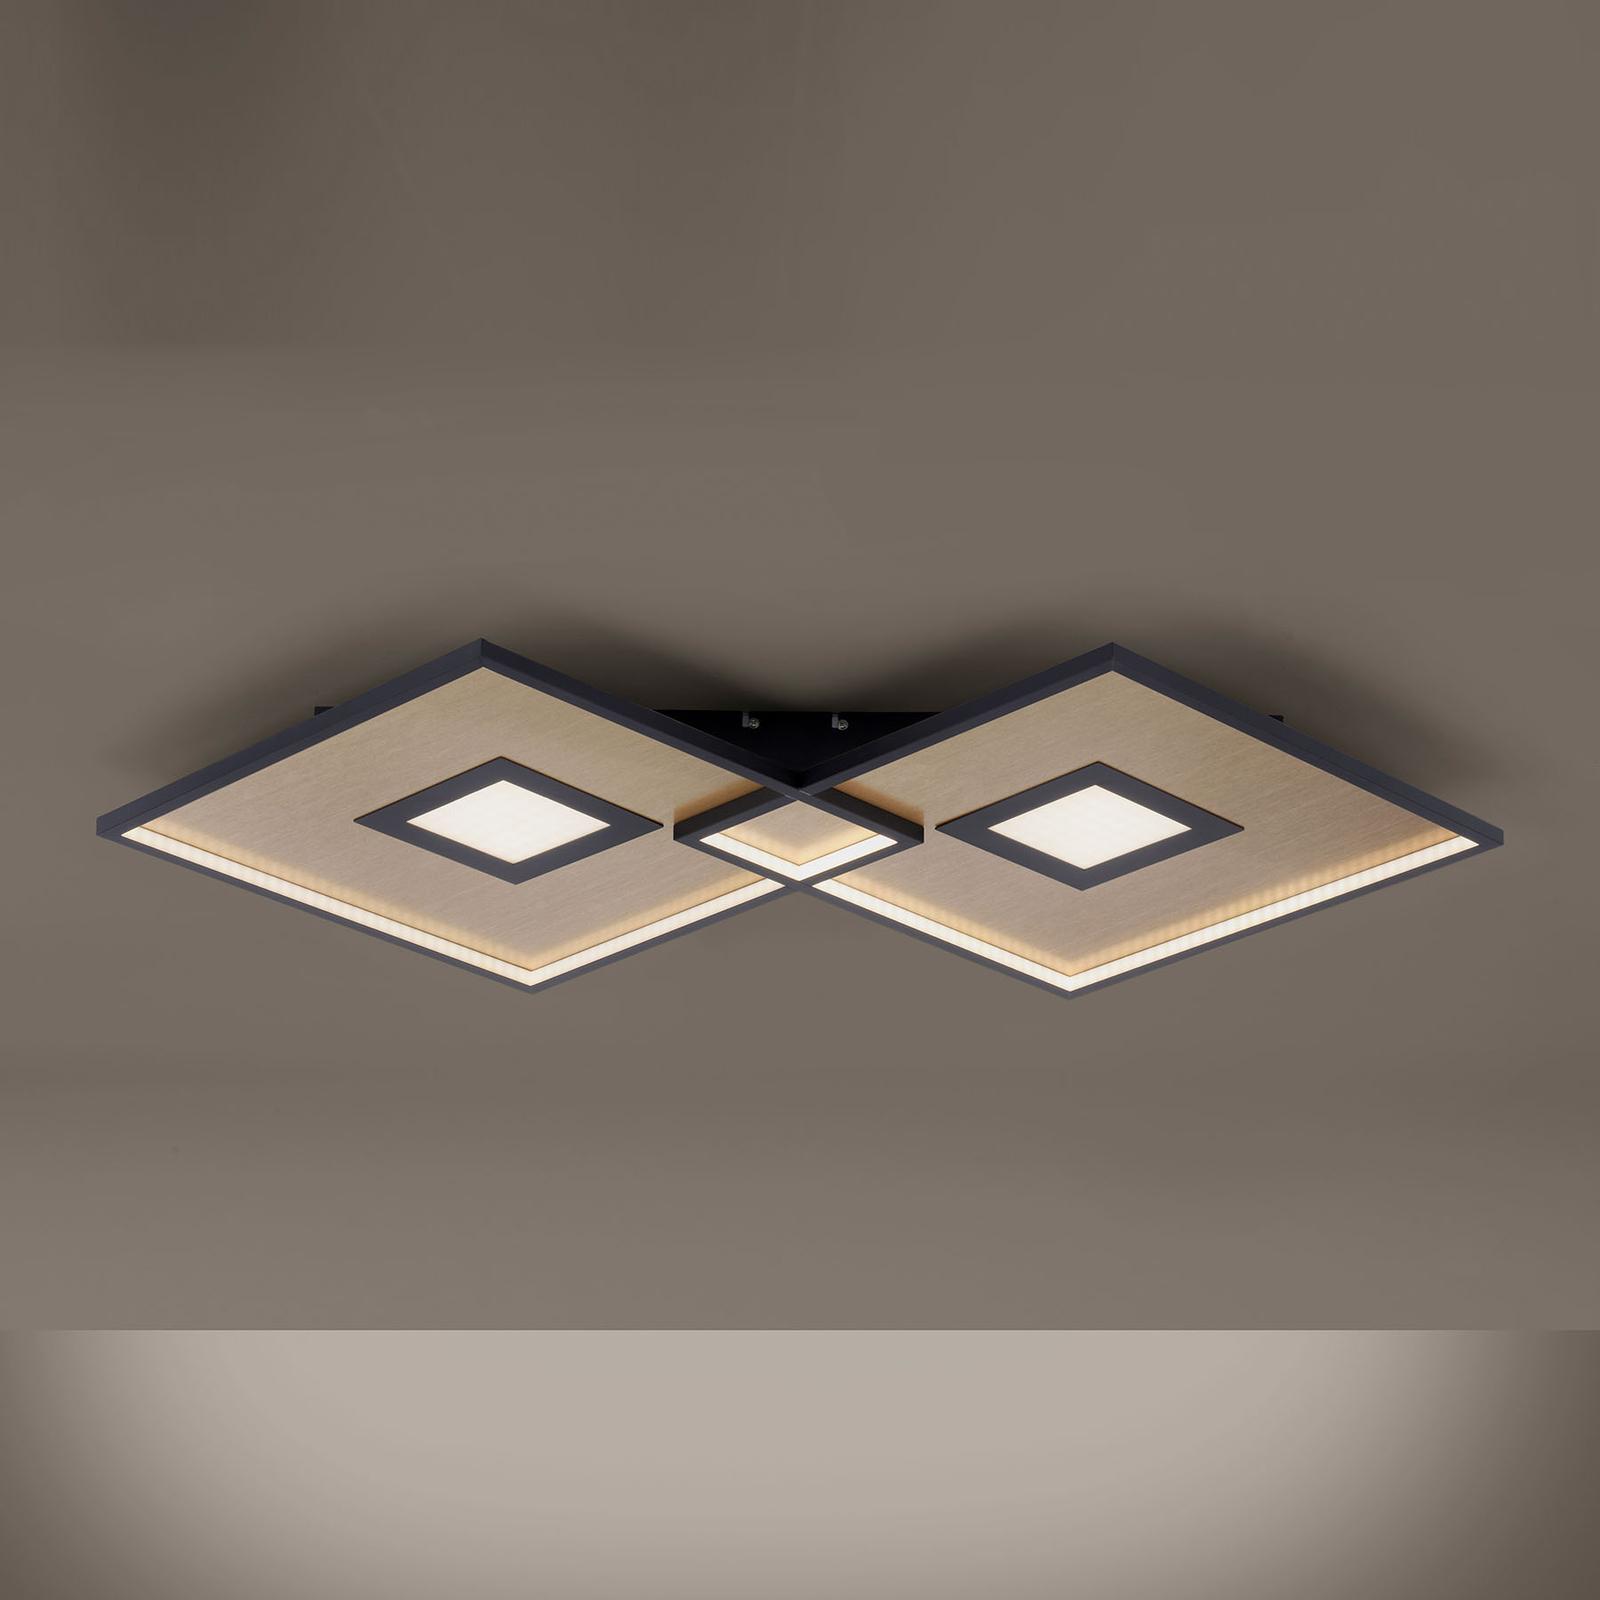 LED-kattovalaisin Amara, kaksi neliötä, musta